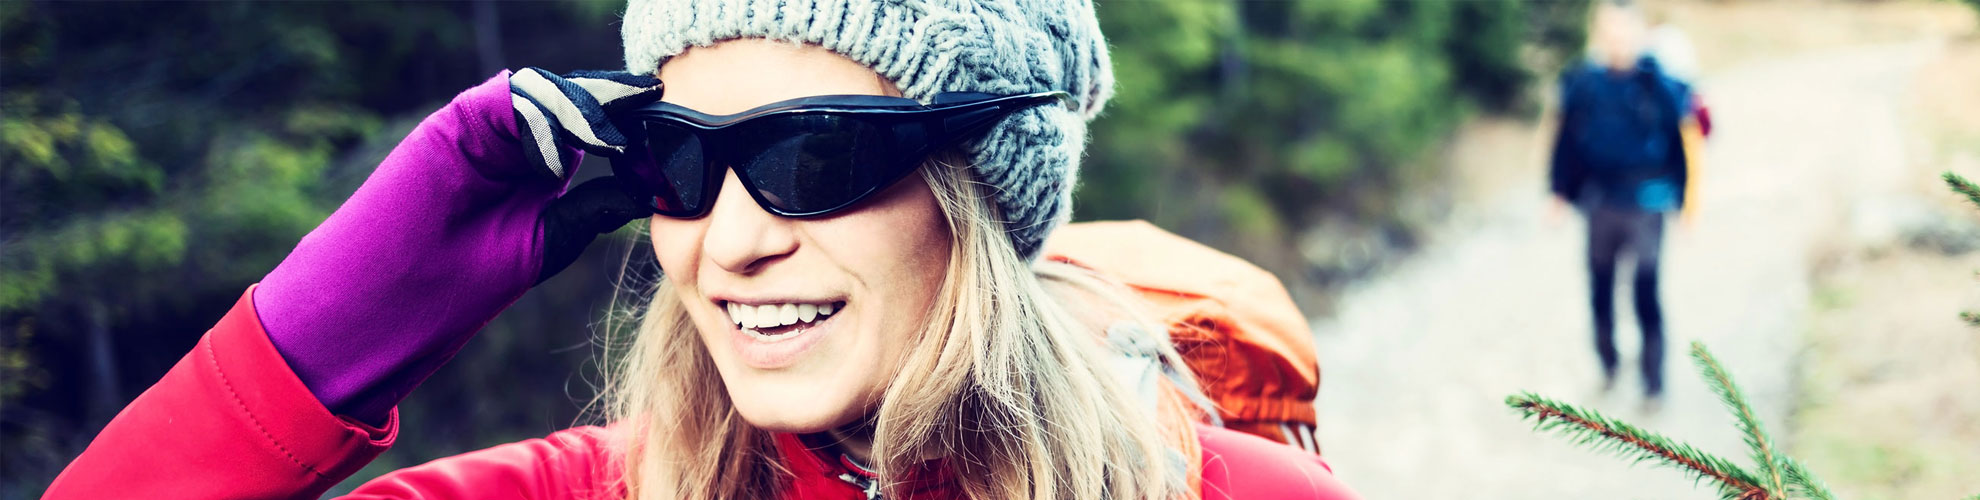 woman hiking wearing sunglasses